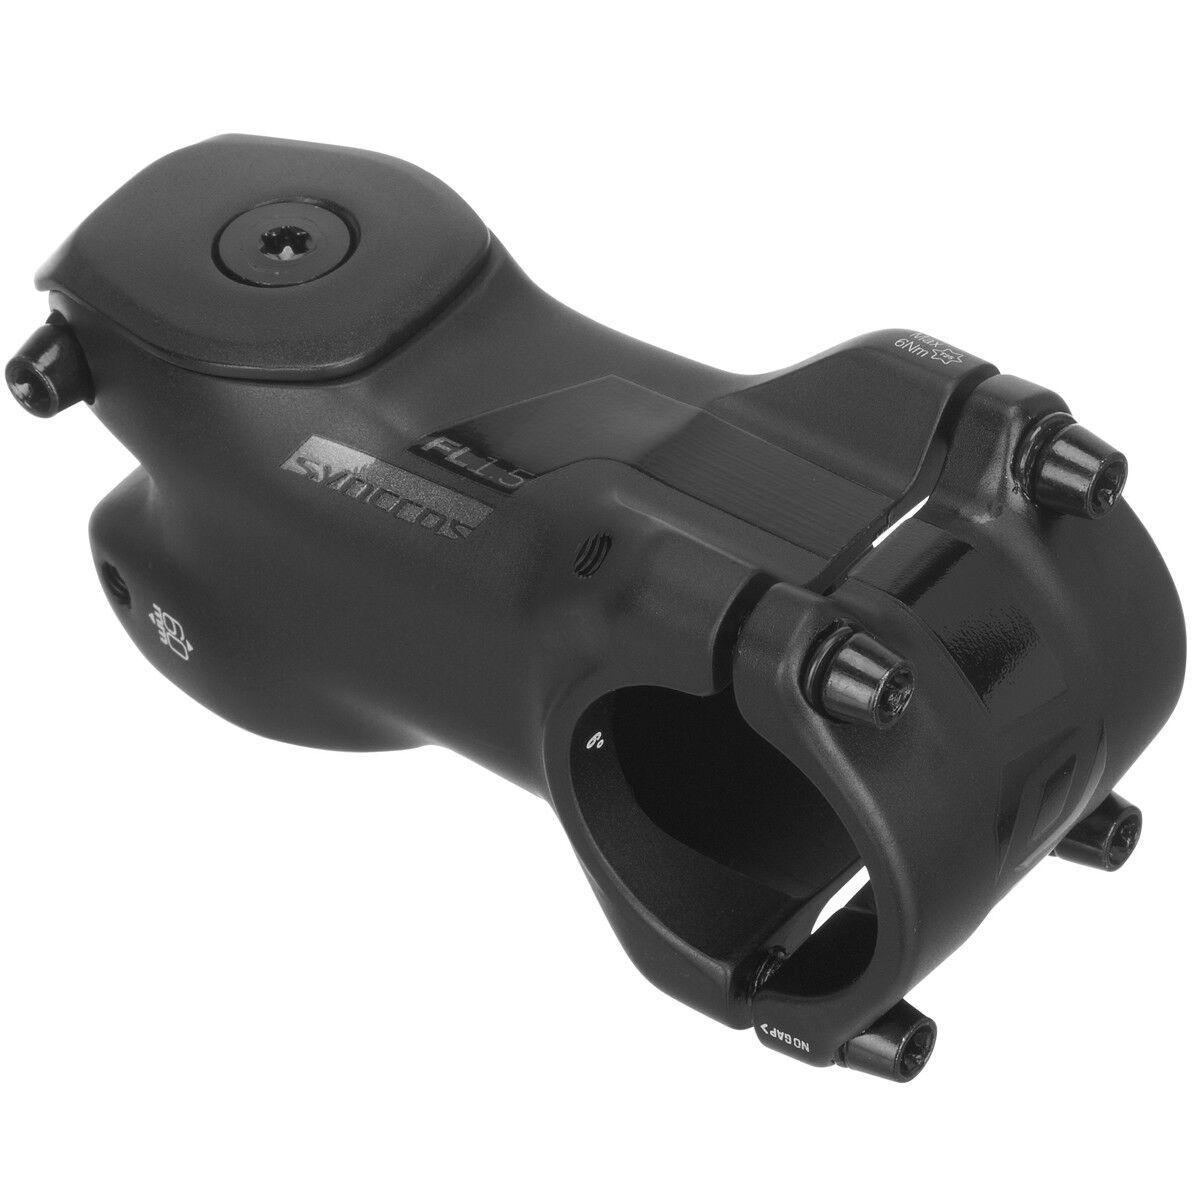 Syncros FL1.5 MTB/Rennrad Fahrrad Vorbau 31.8mm  6 schwarz